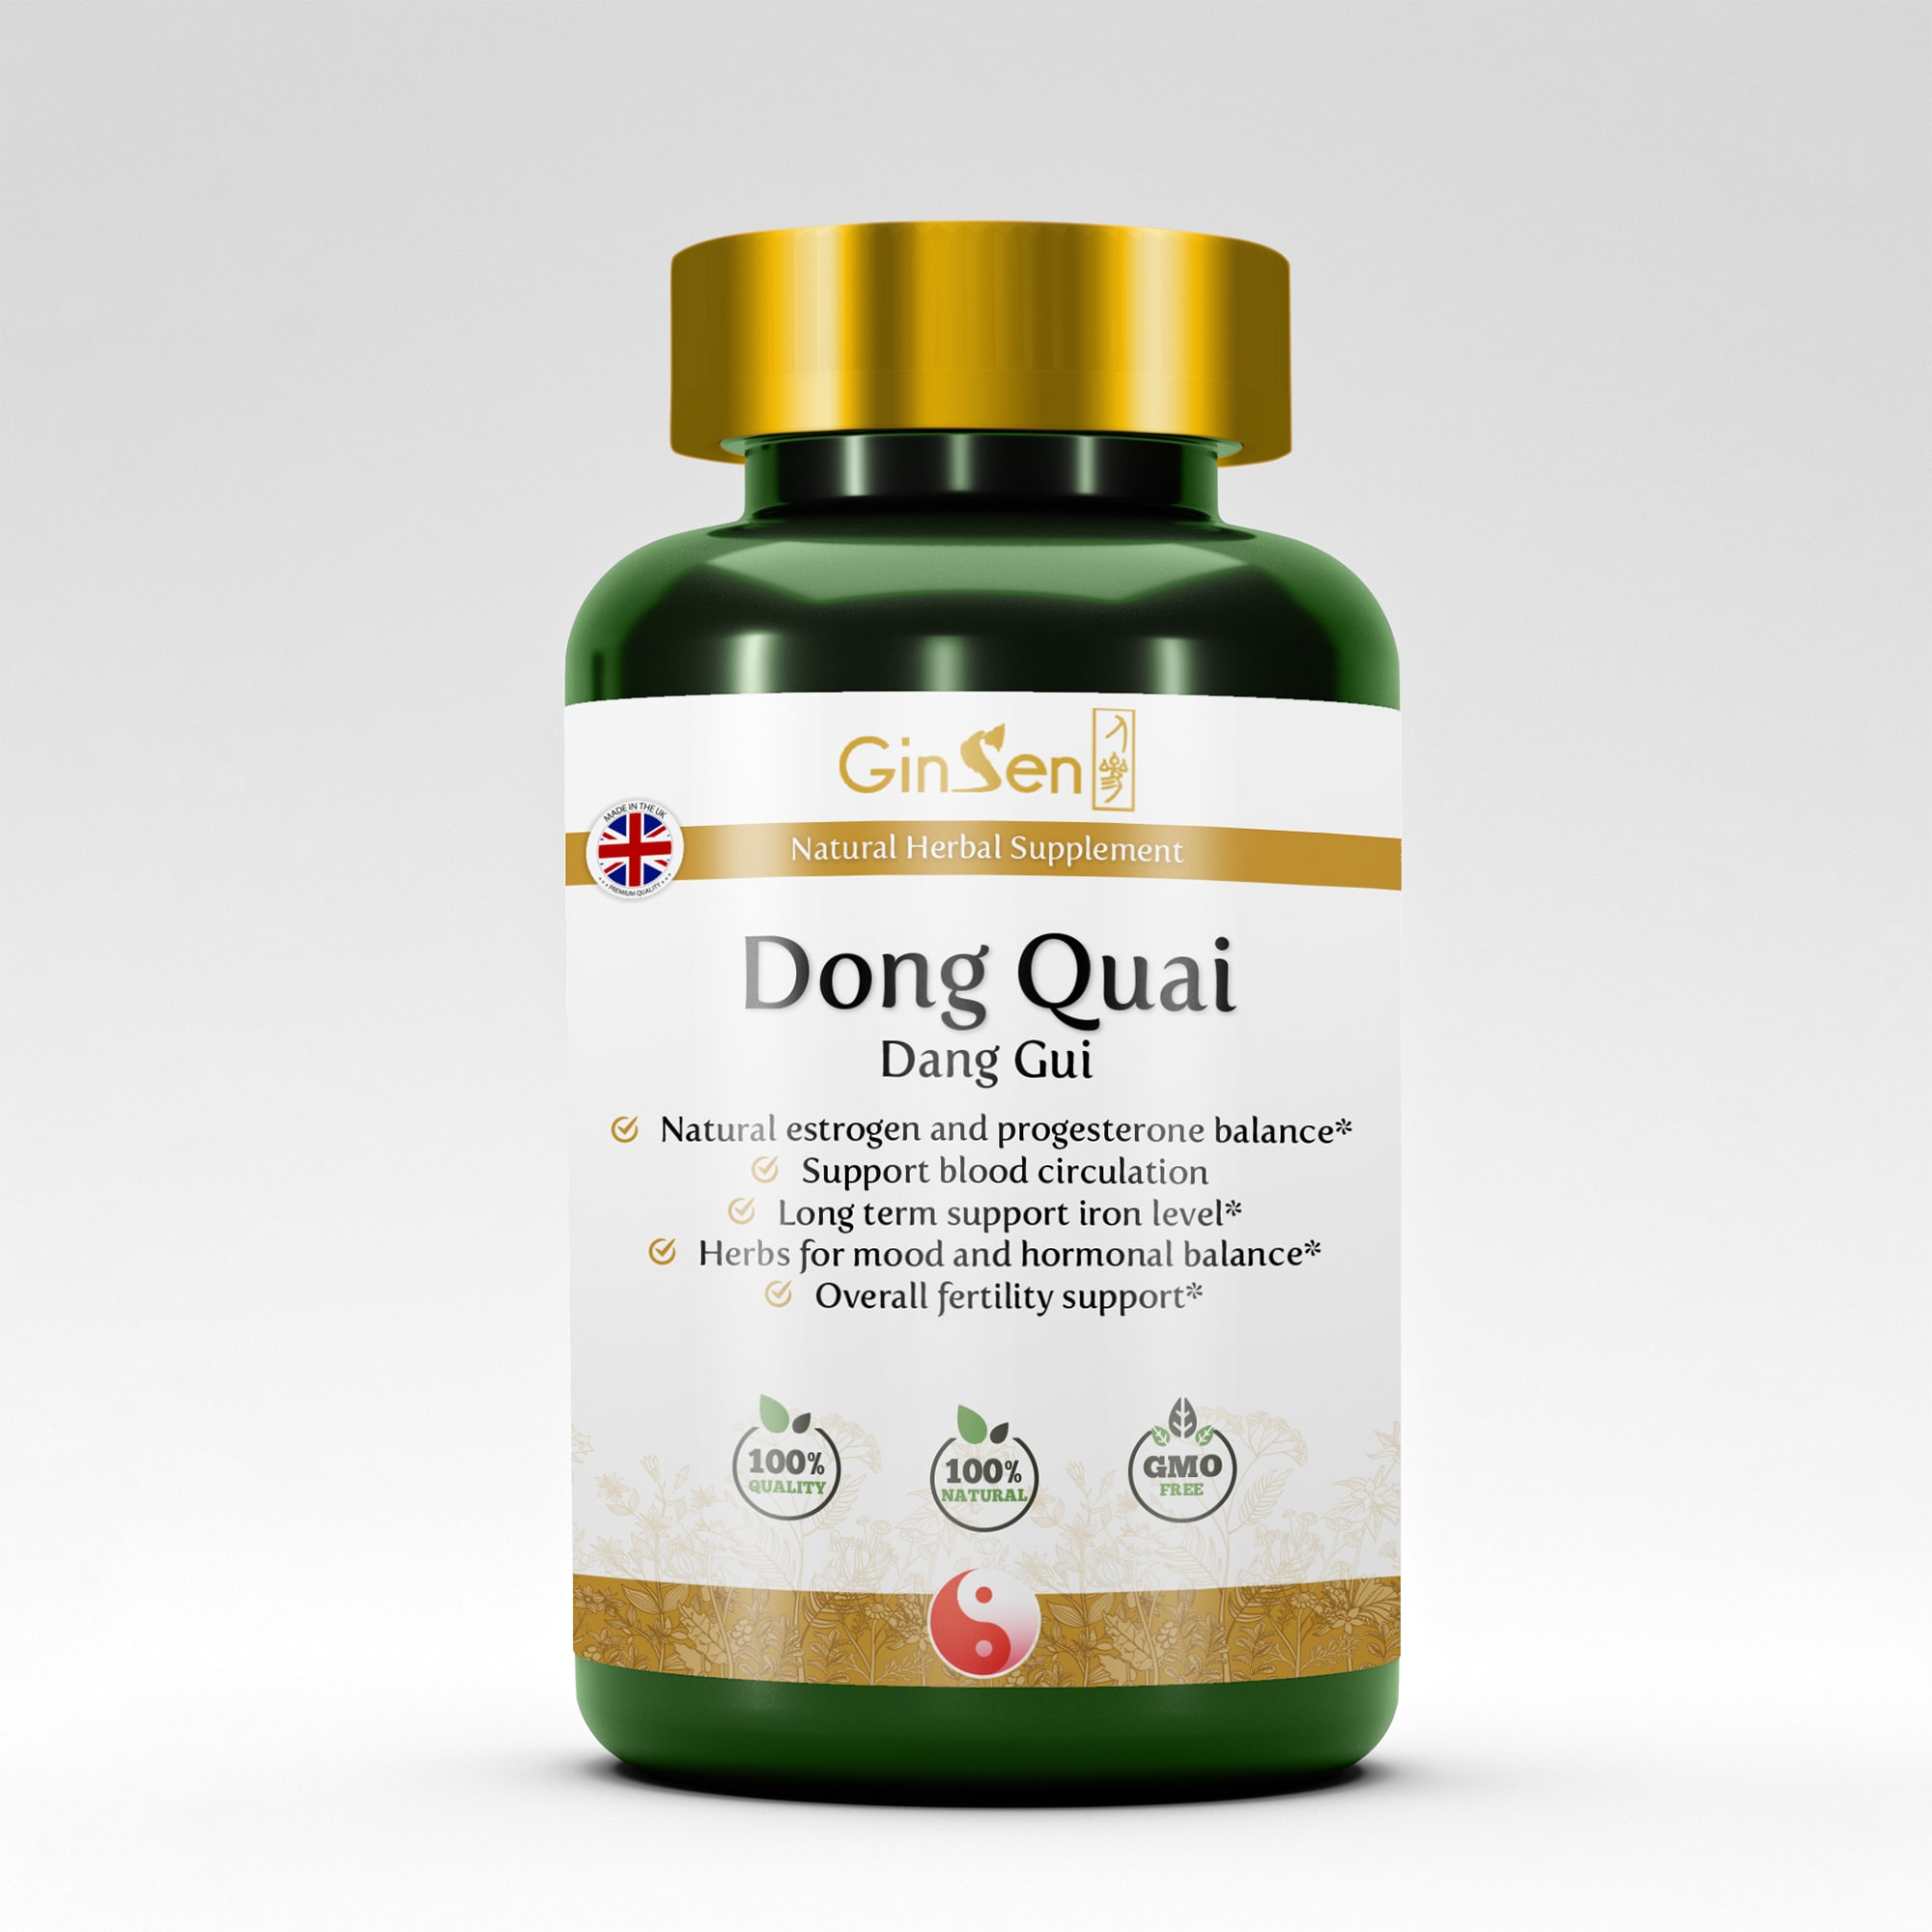 Dong quai pills